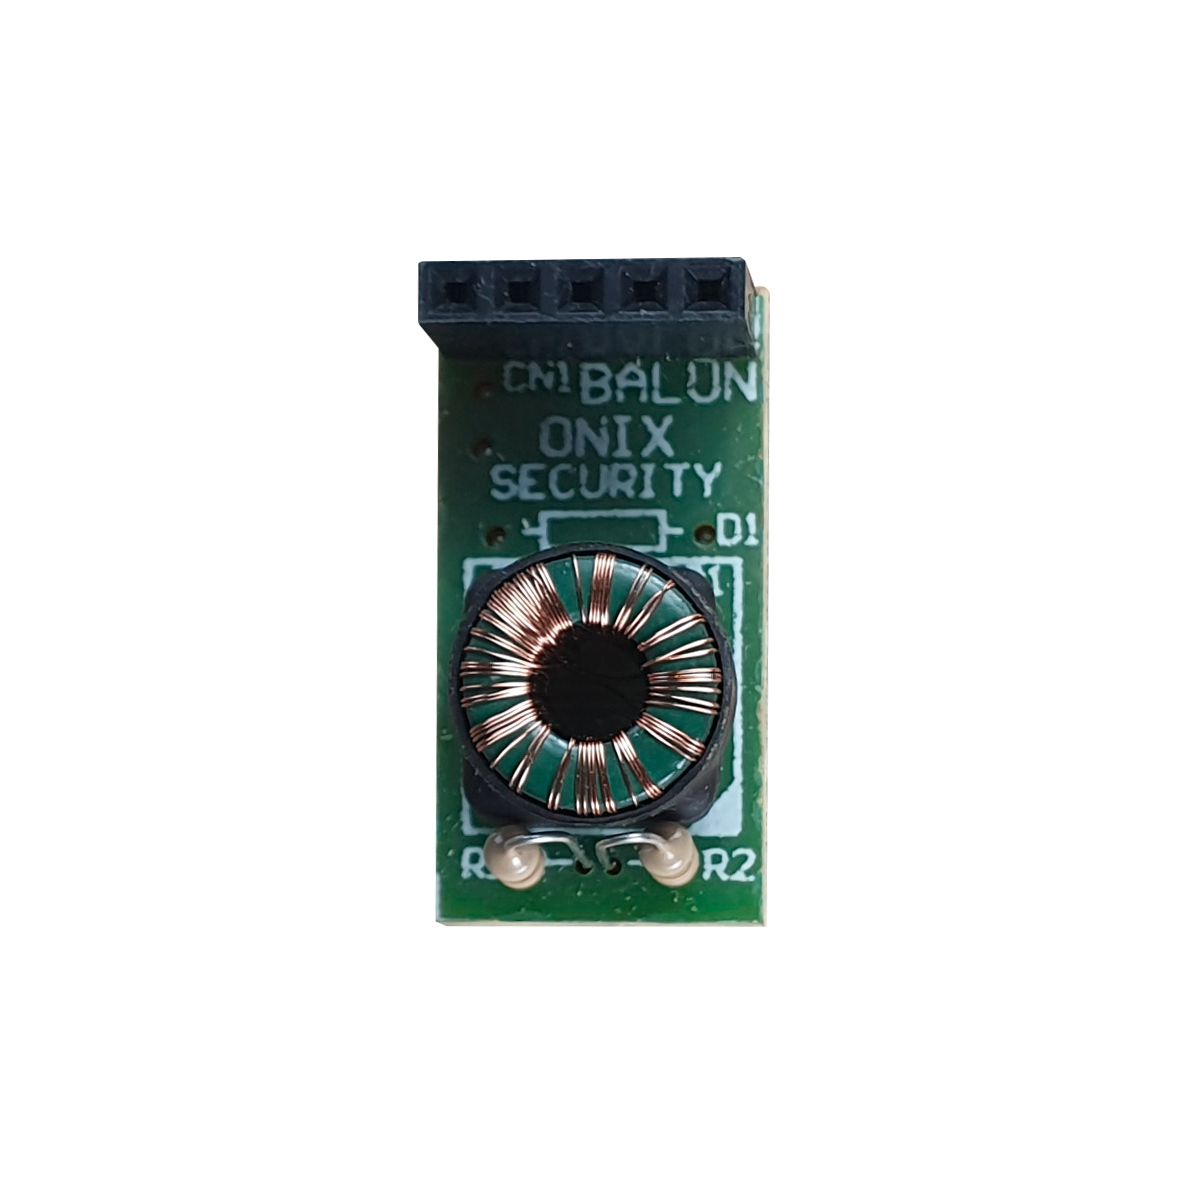 balun bobina serve pra usar na placa do power balun e mini orion 32ch - onix